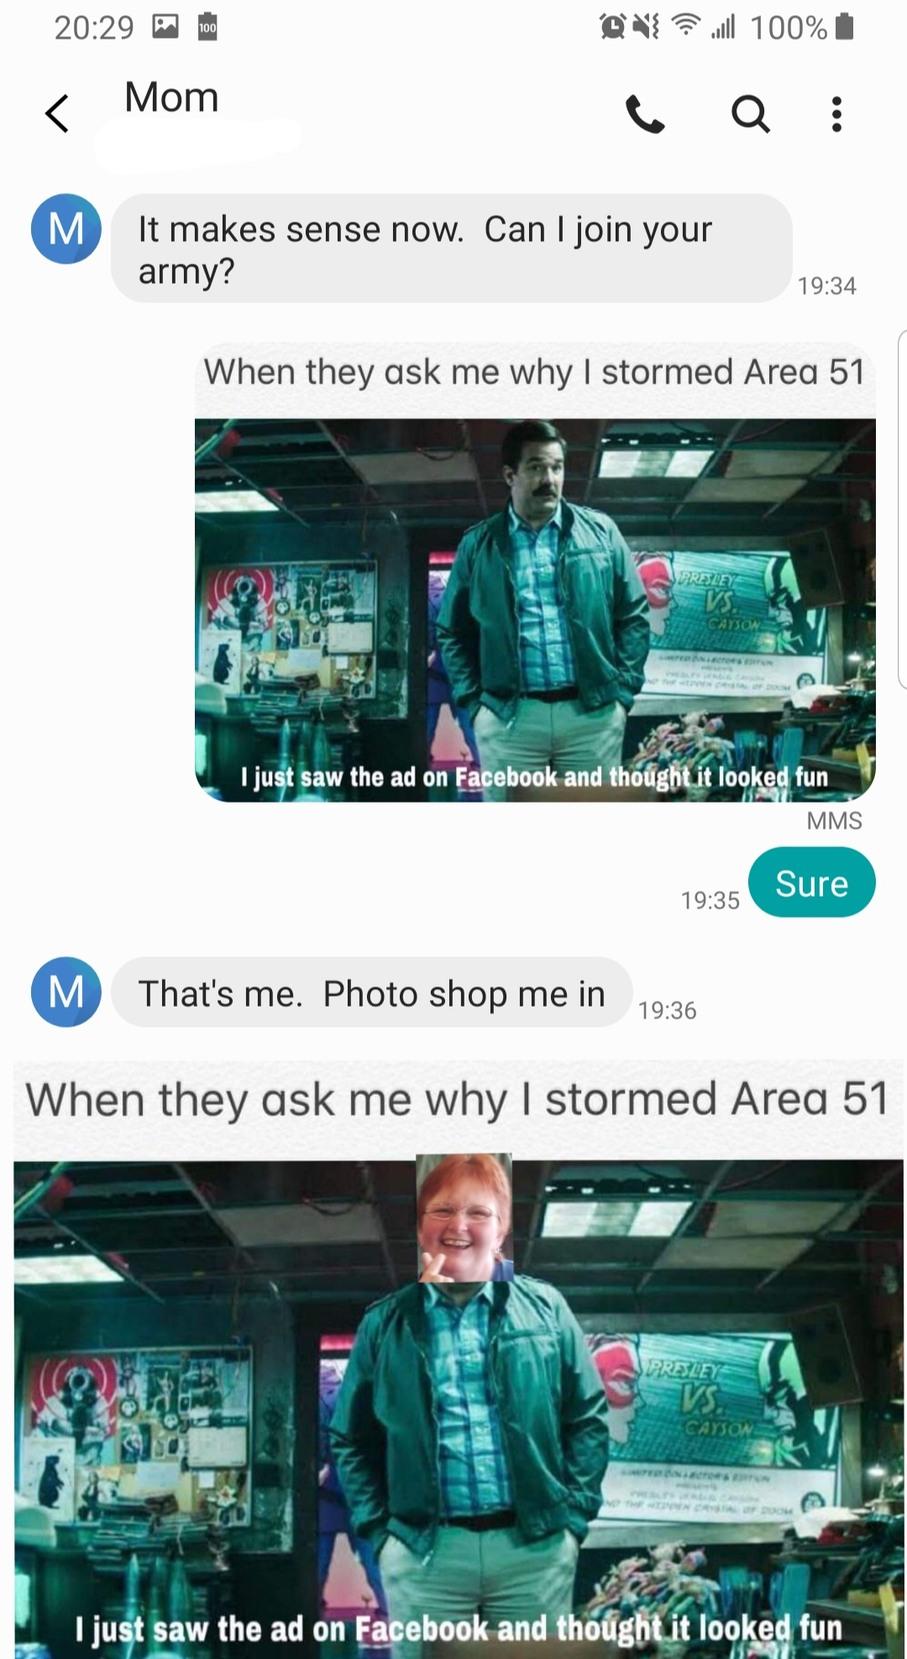 My mom wants to storm Area 51 boiz - meme